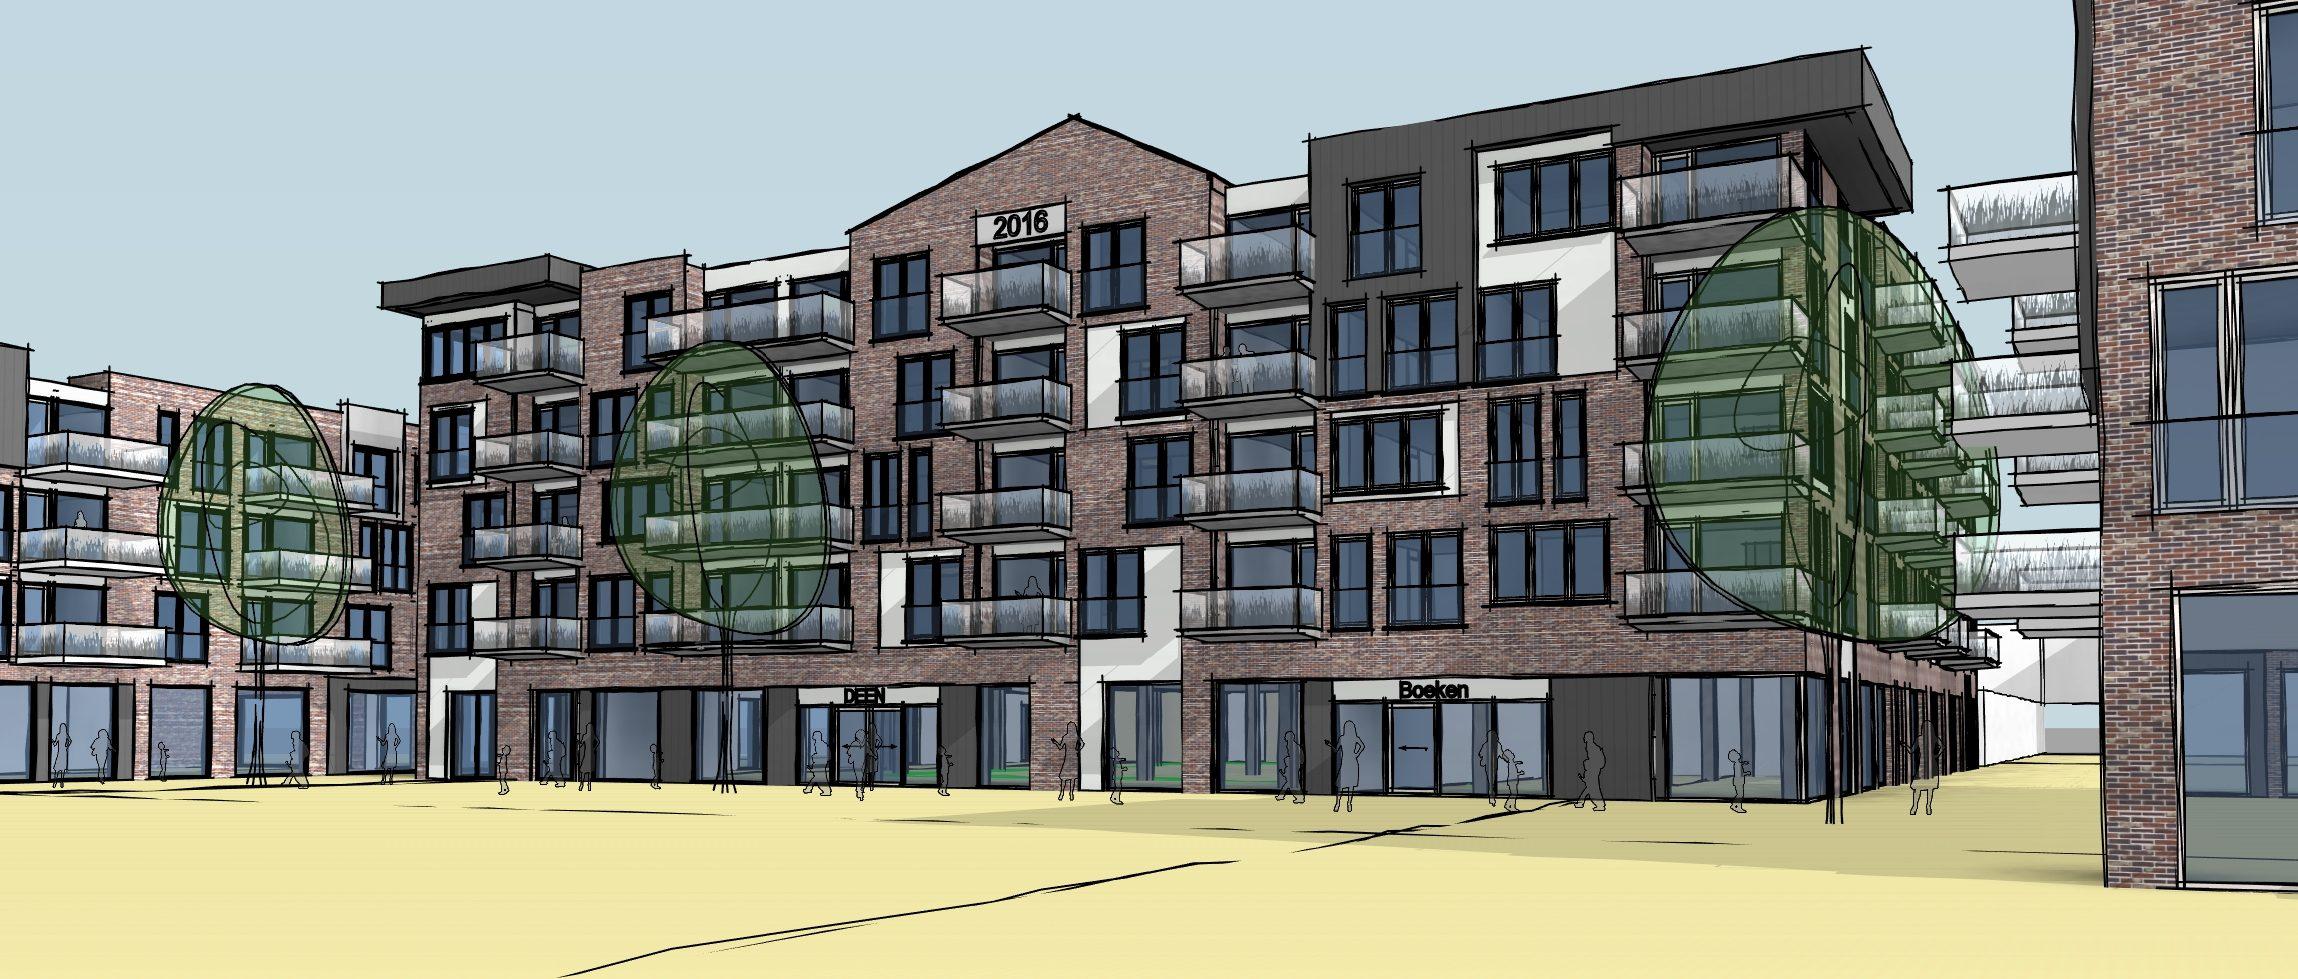 Groen licht voor bouw winkelcentrum Bangert en Oosterpolder Zwaag